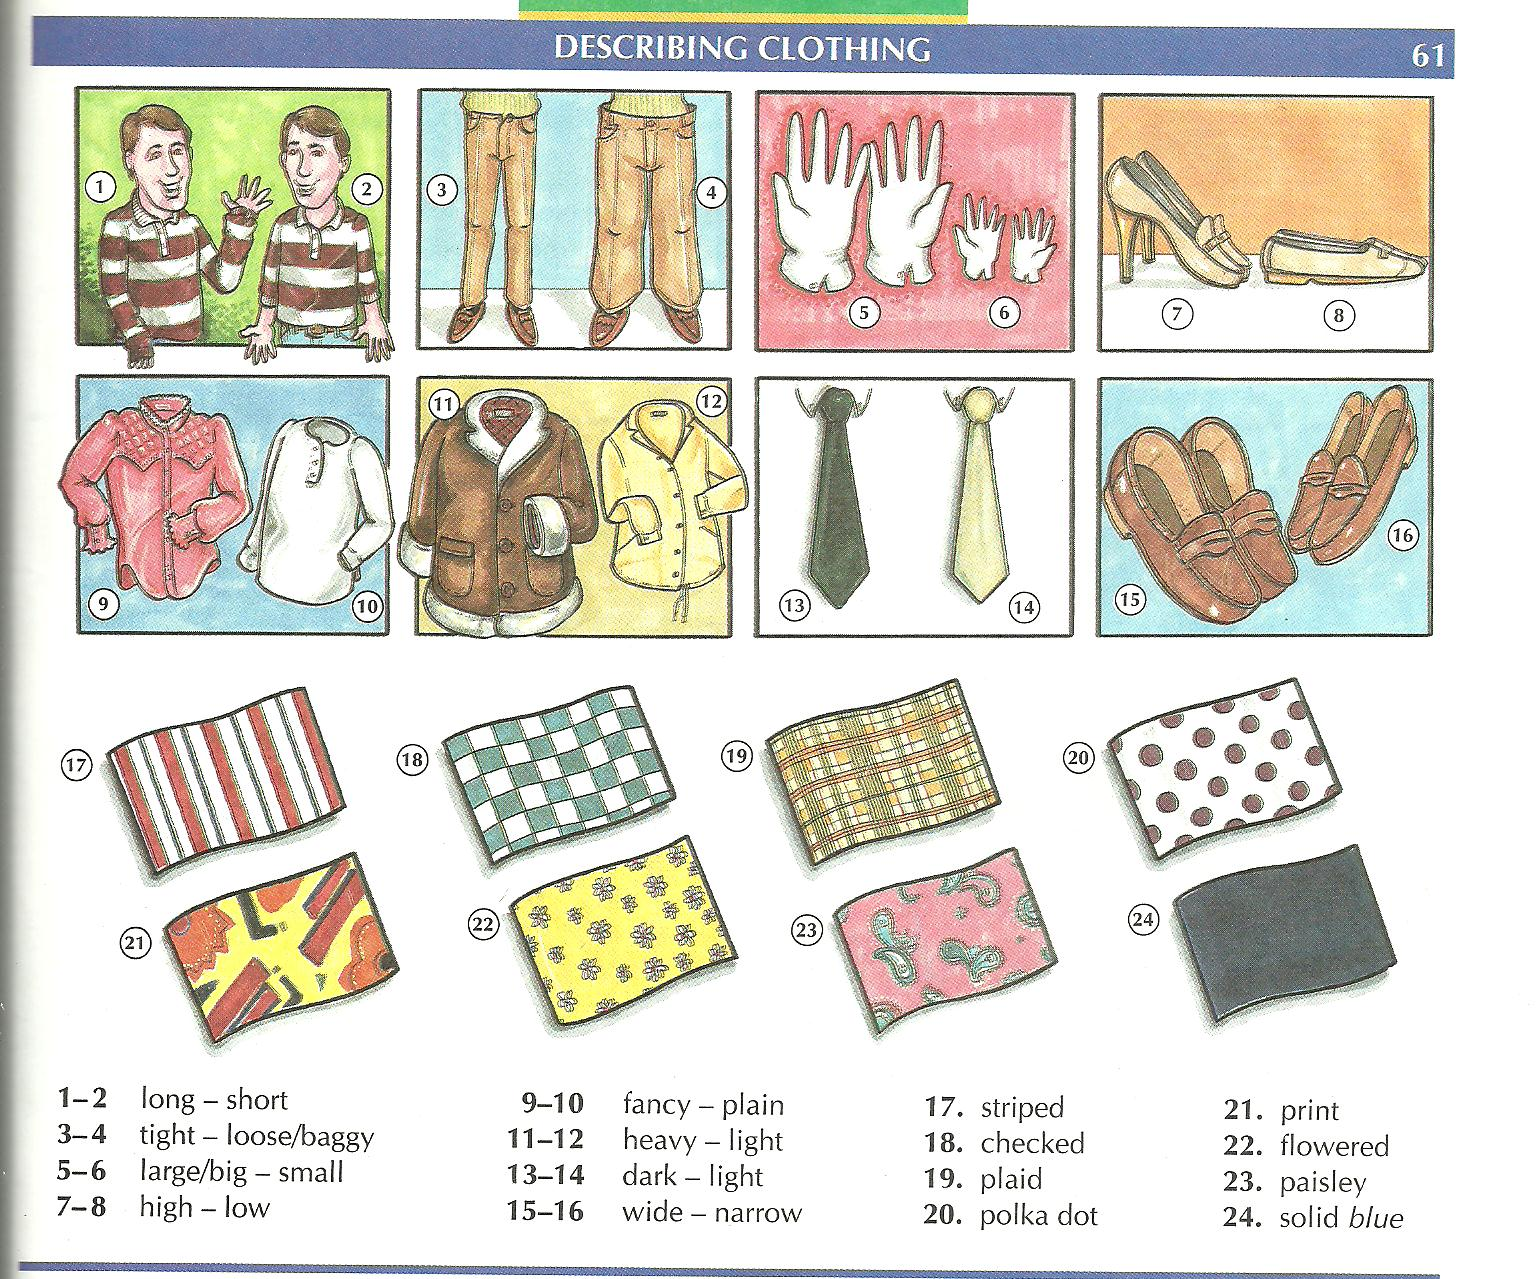 Mauxi efs 2011 clothes vocabulary for Anglais vocabulaire maison